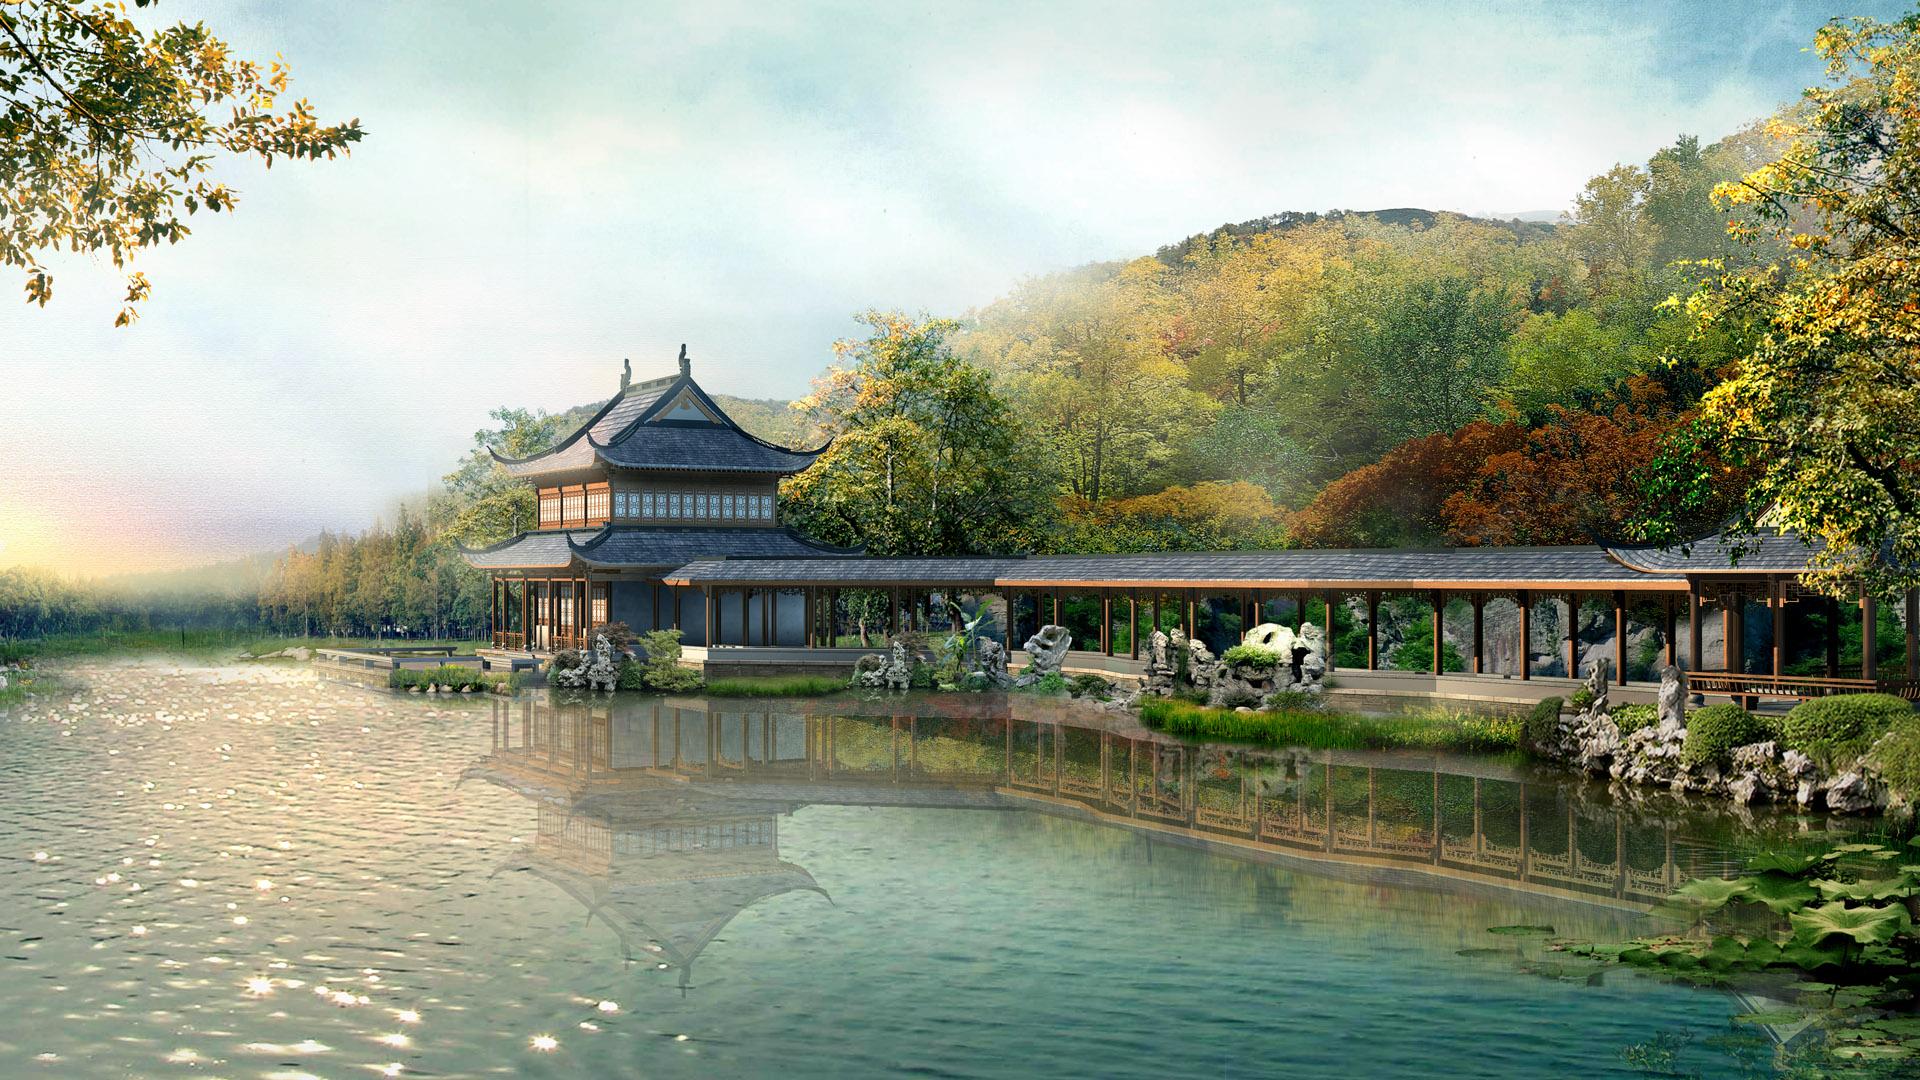 китайский пейзаж обои на рабочий стол № 501956  скачать